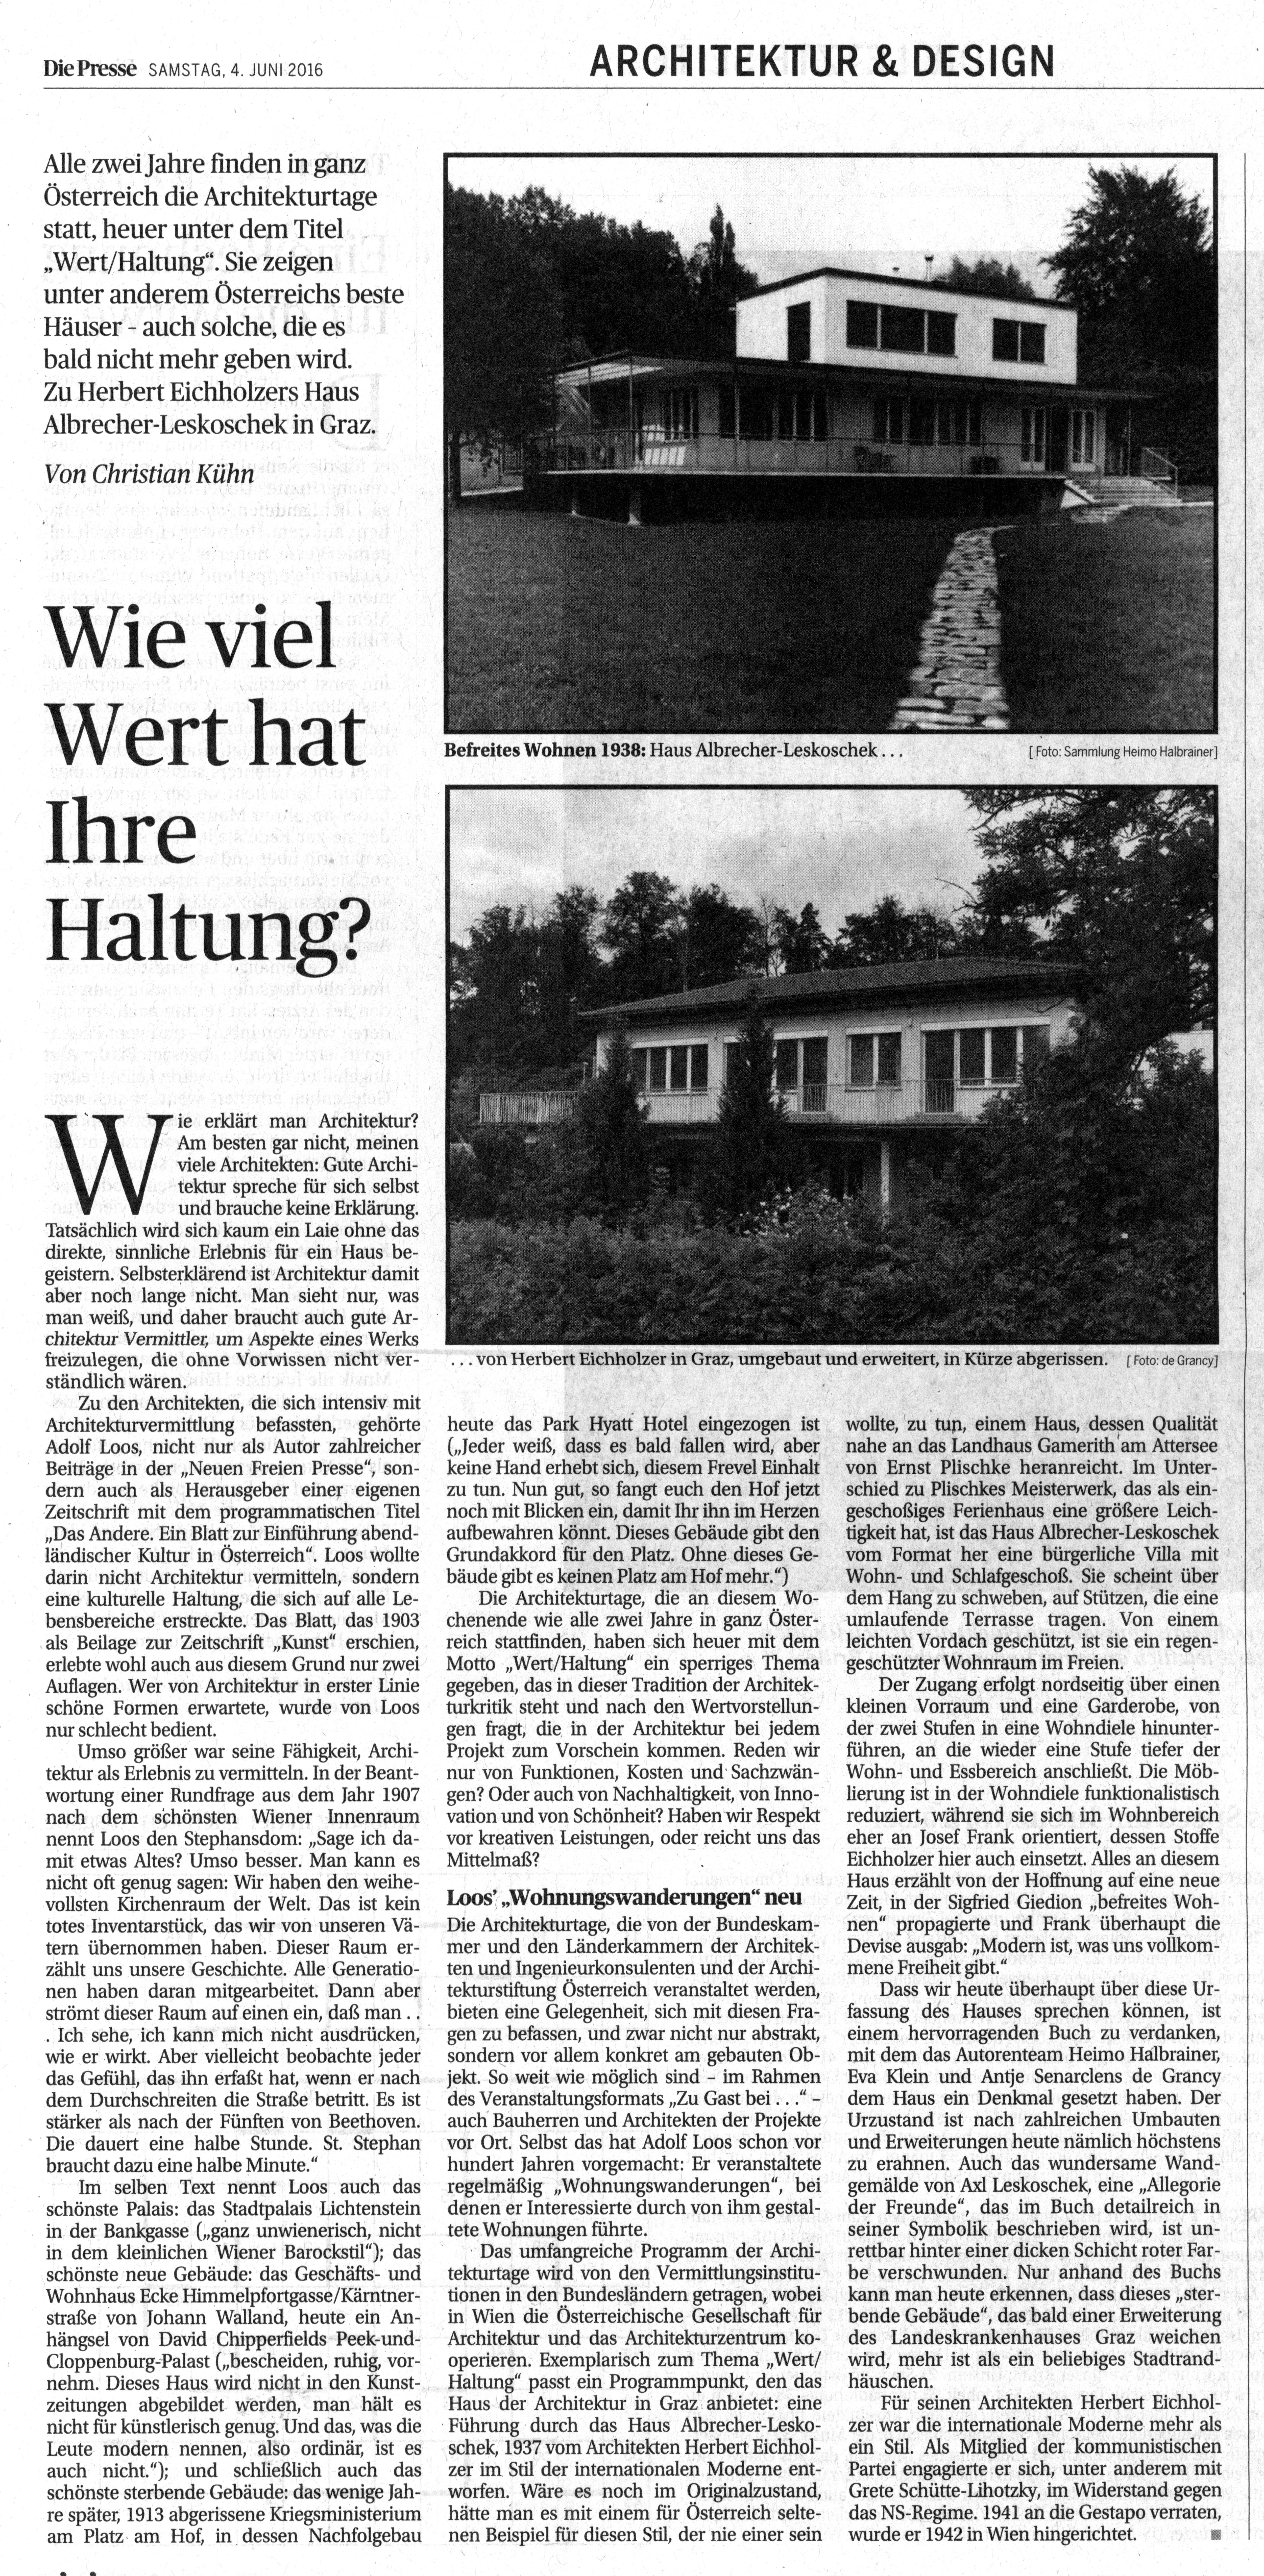 Link zu Kühn, Christian: <i>&#8222;Wieviel Wert hat Ihre Haltung?&#8220;</i>, in: Die Presse, 04.06.2016